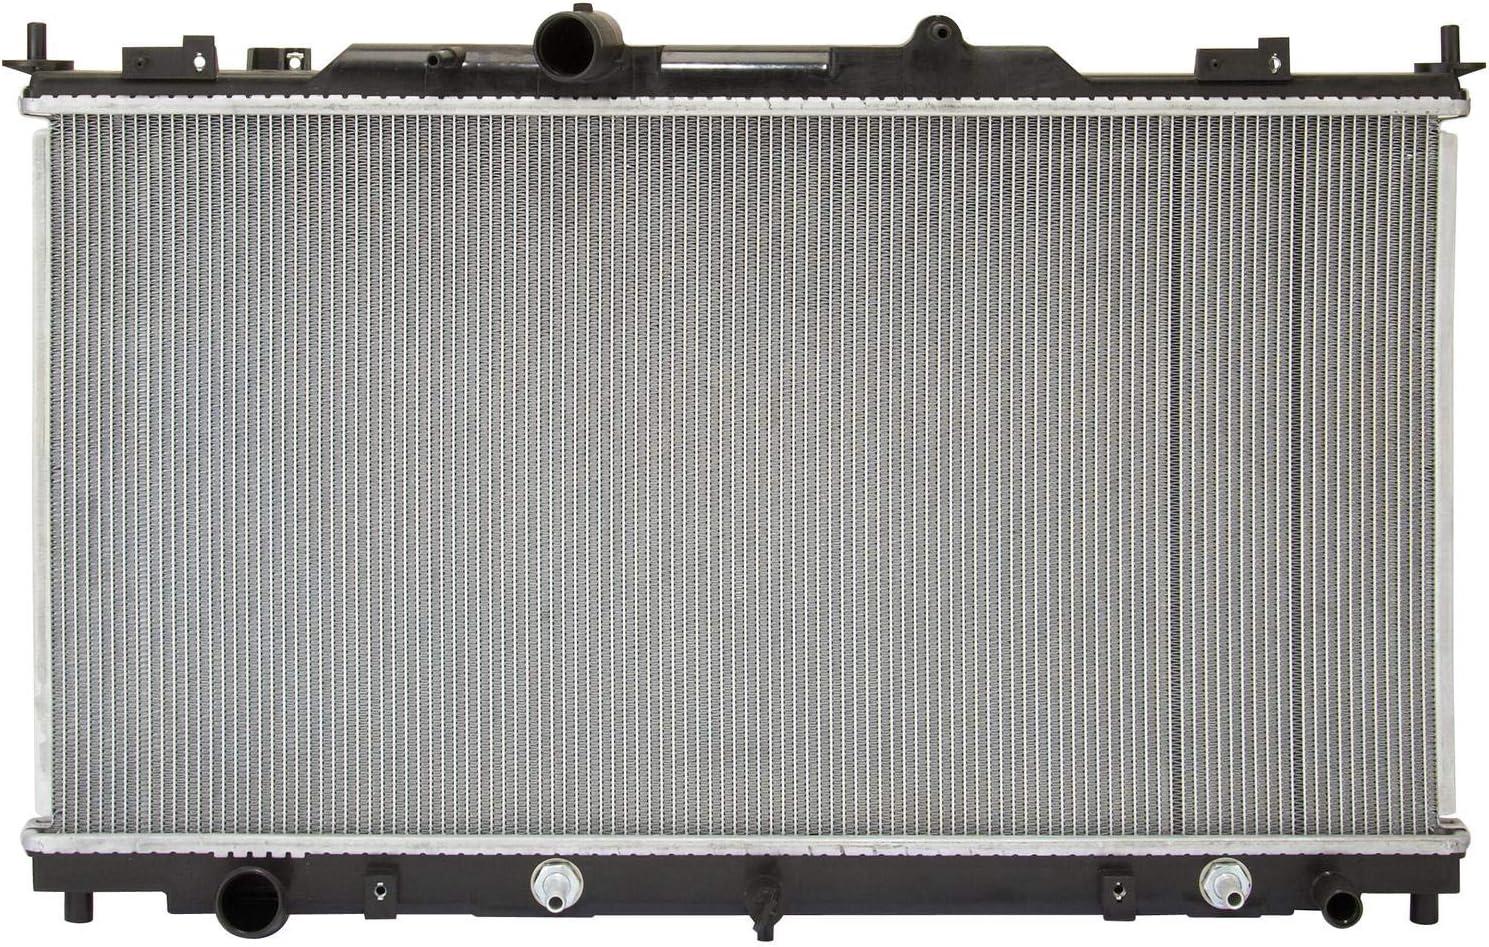 Amazon Com Automotive Cooling Radiator For Mazda 6 13390 Automotive